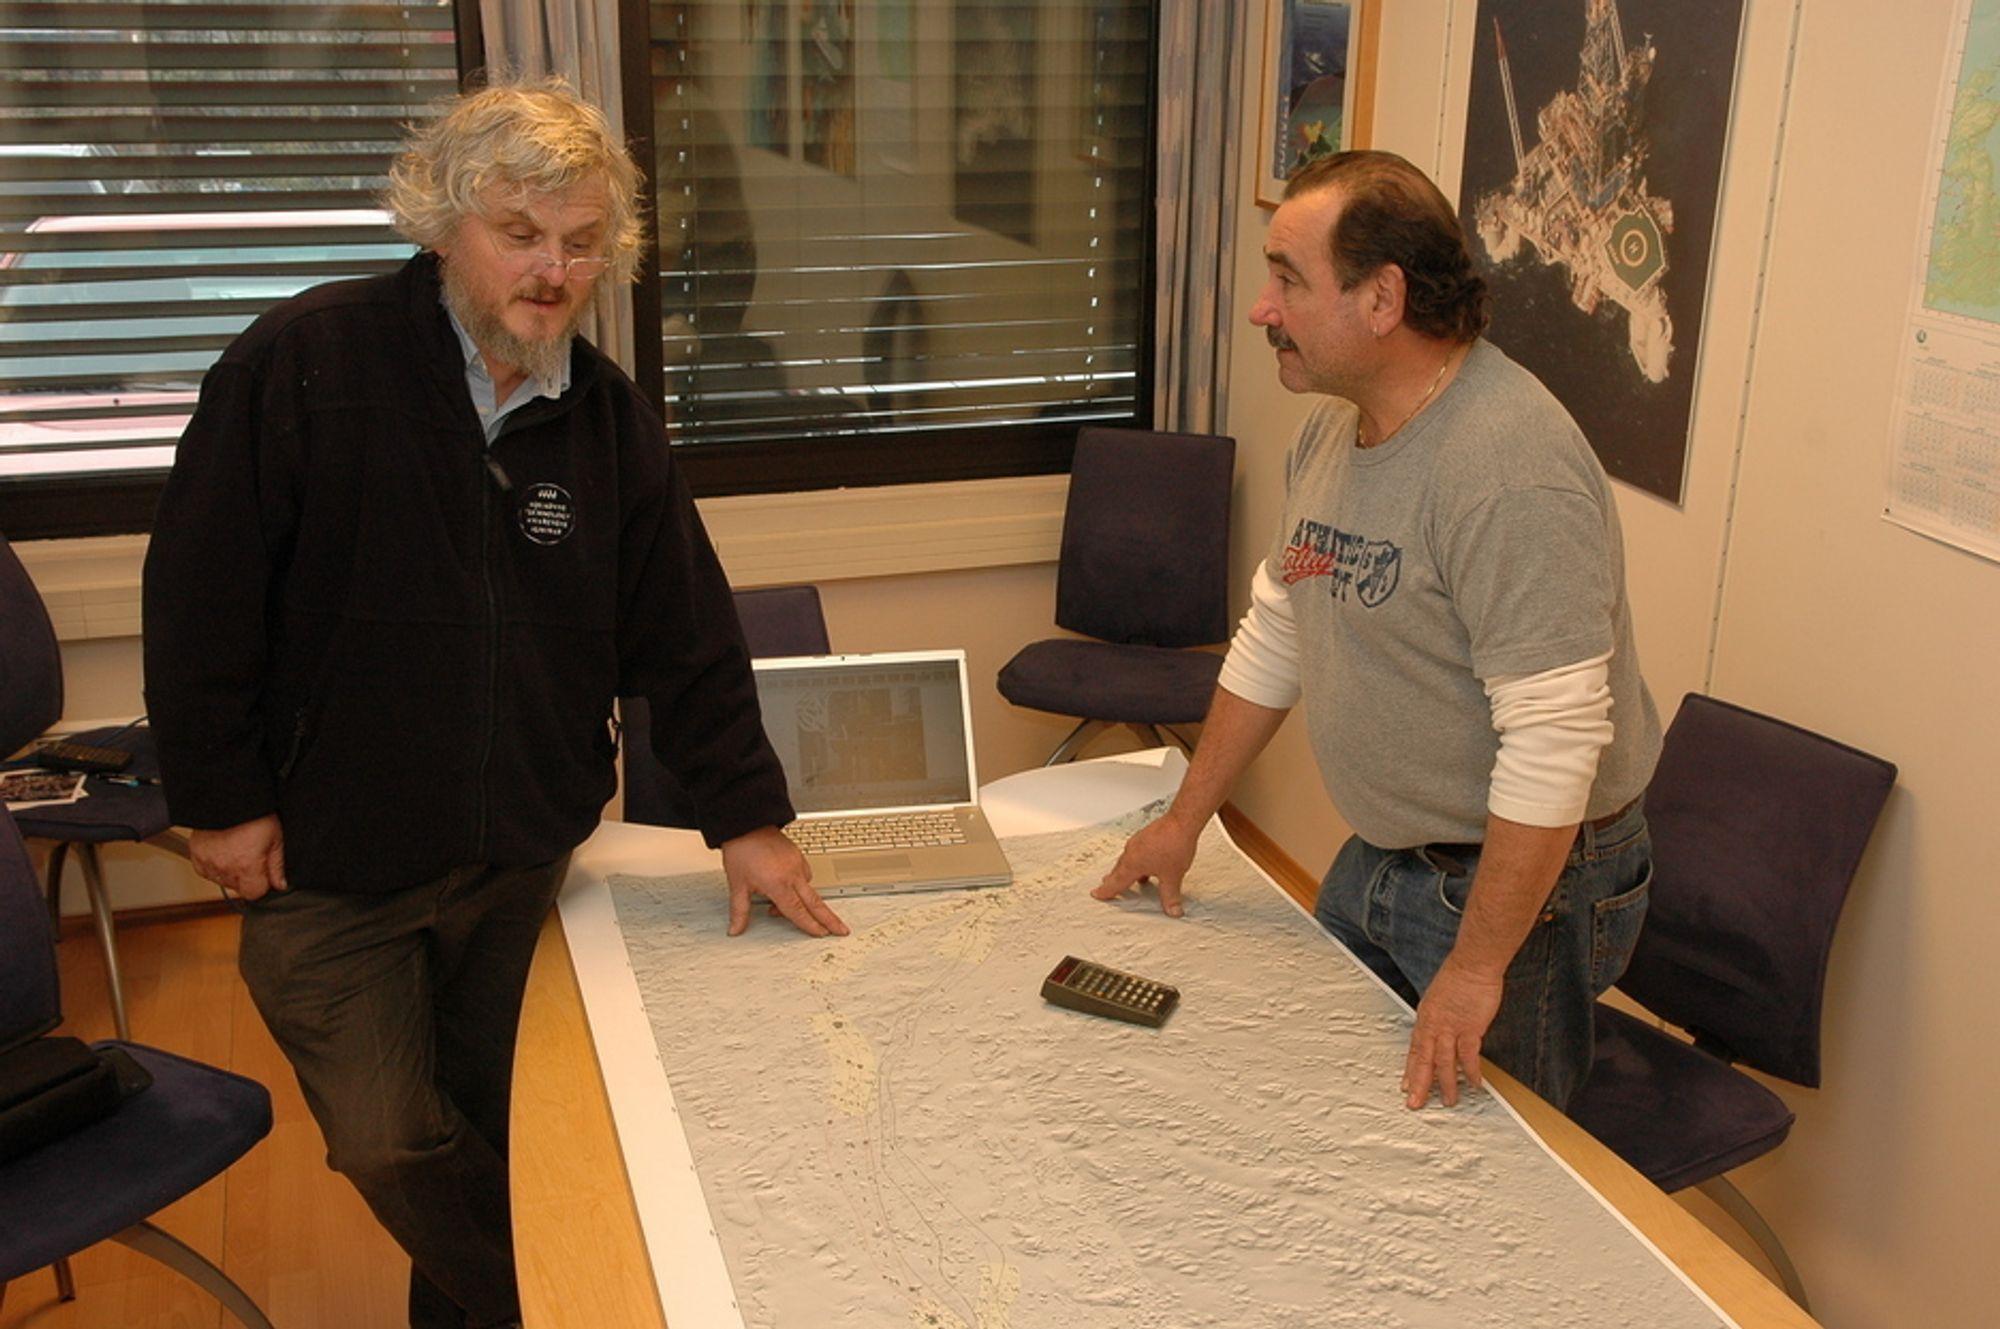 KRAFTIG DEKNING: Jan-Erik Rygh og Chris Stamford-Burrows ved kartet over utplasseringen av transpondere for legging av Ormen Lange-rørene.